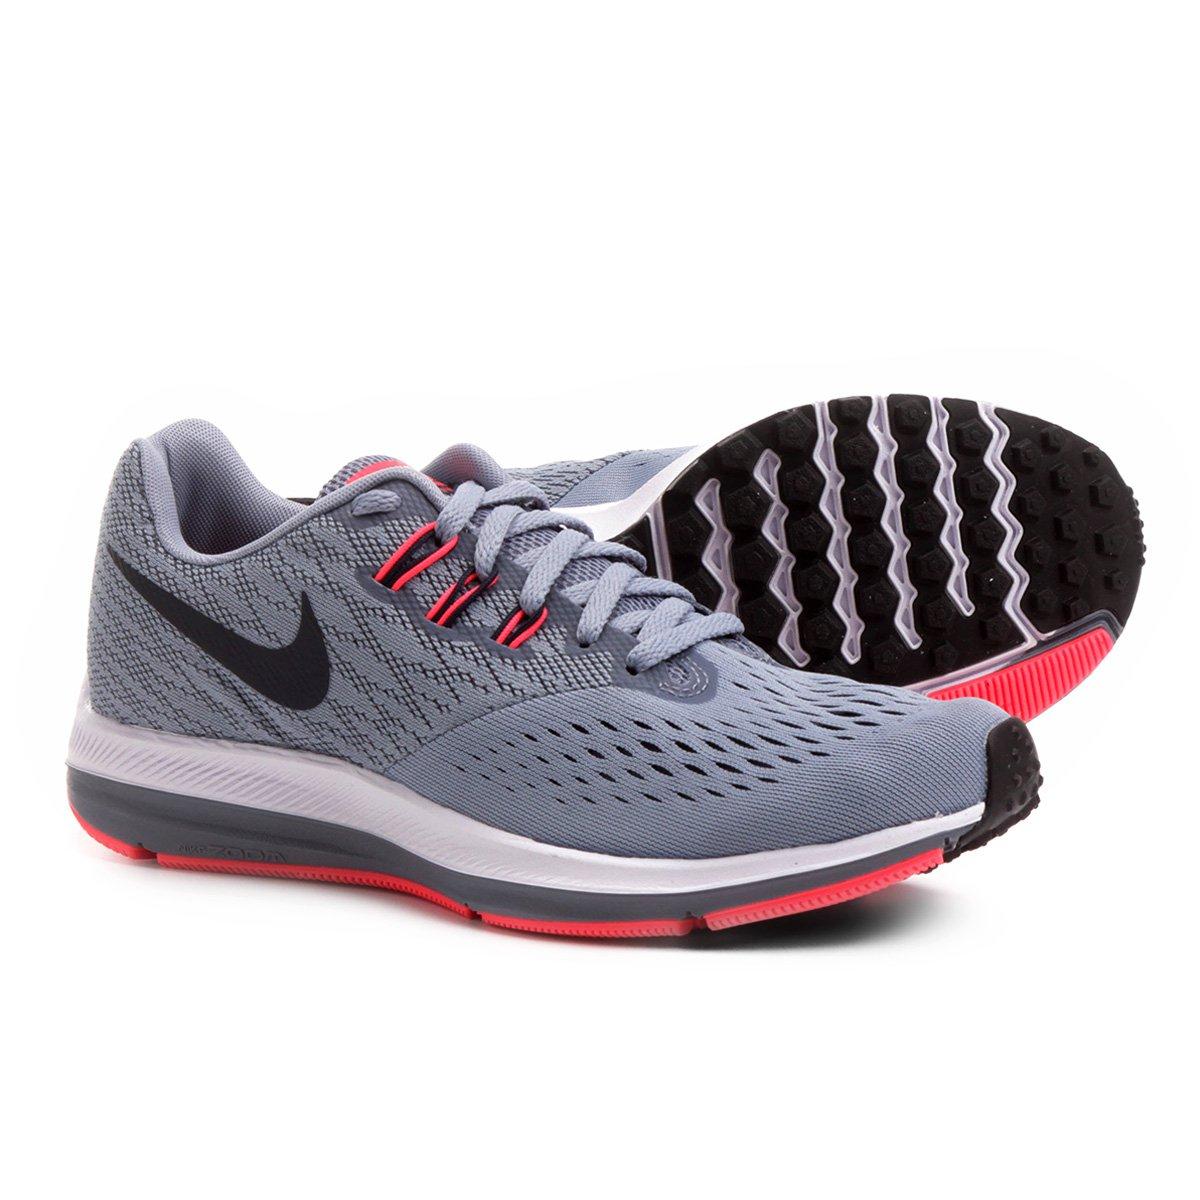 4f746e254 Tênis Nike Zoom Winflo 4 Feminino - Compre Agora